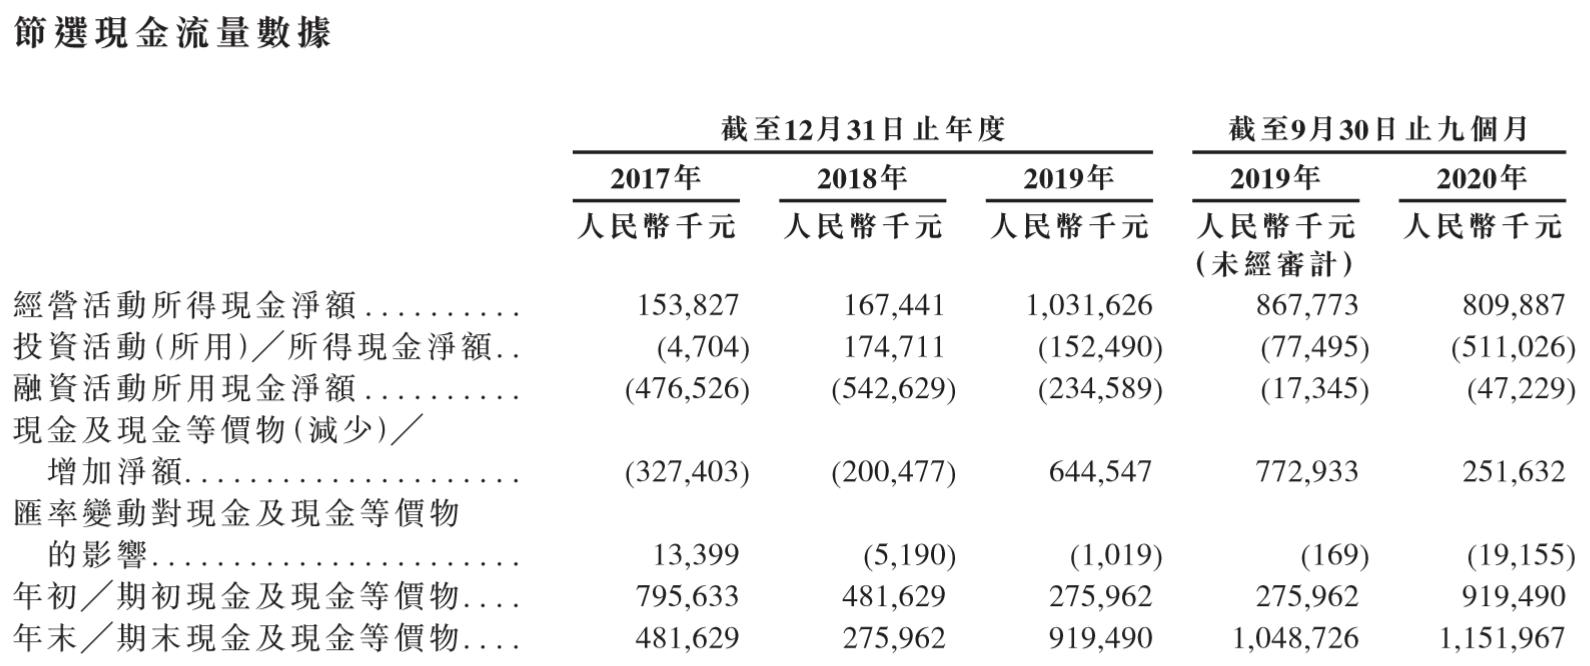 赛生药业-现金流量表.png